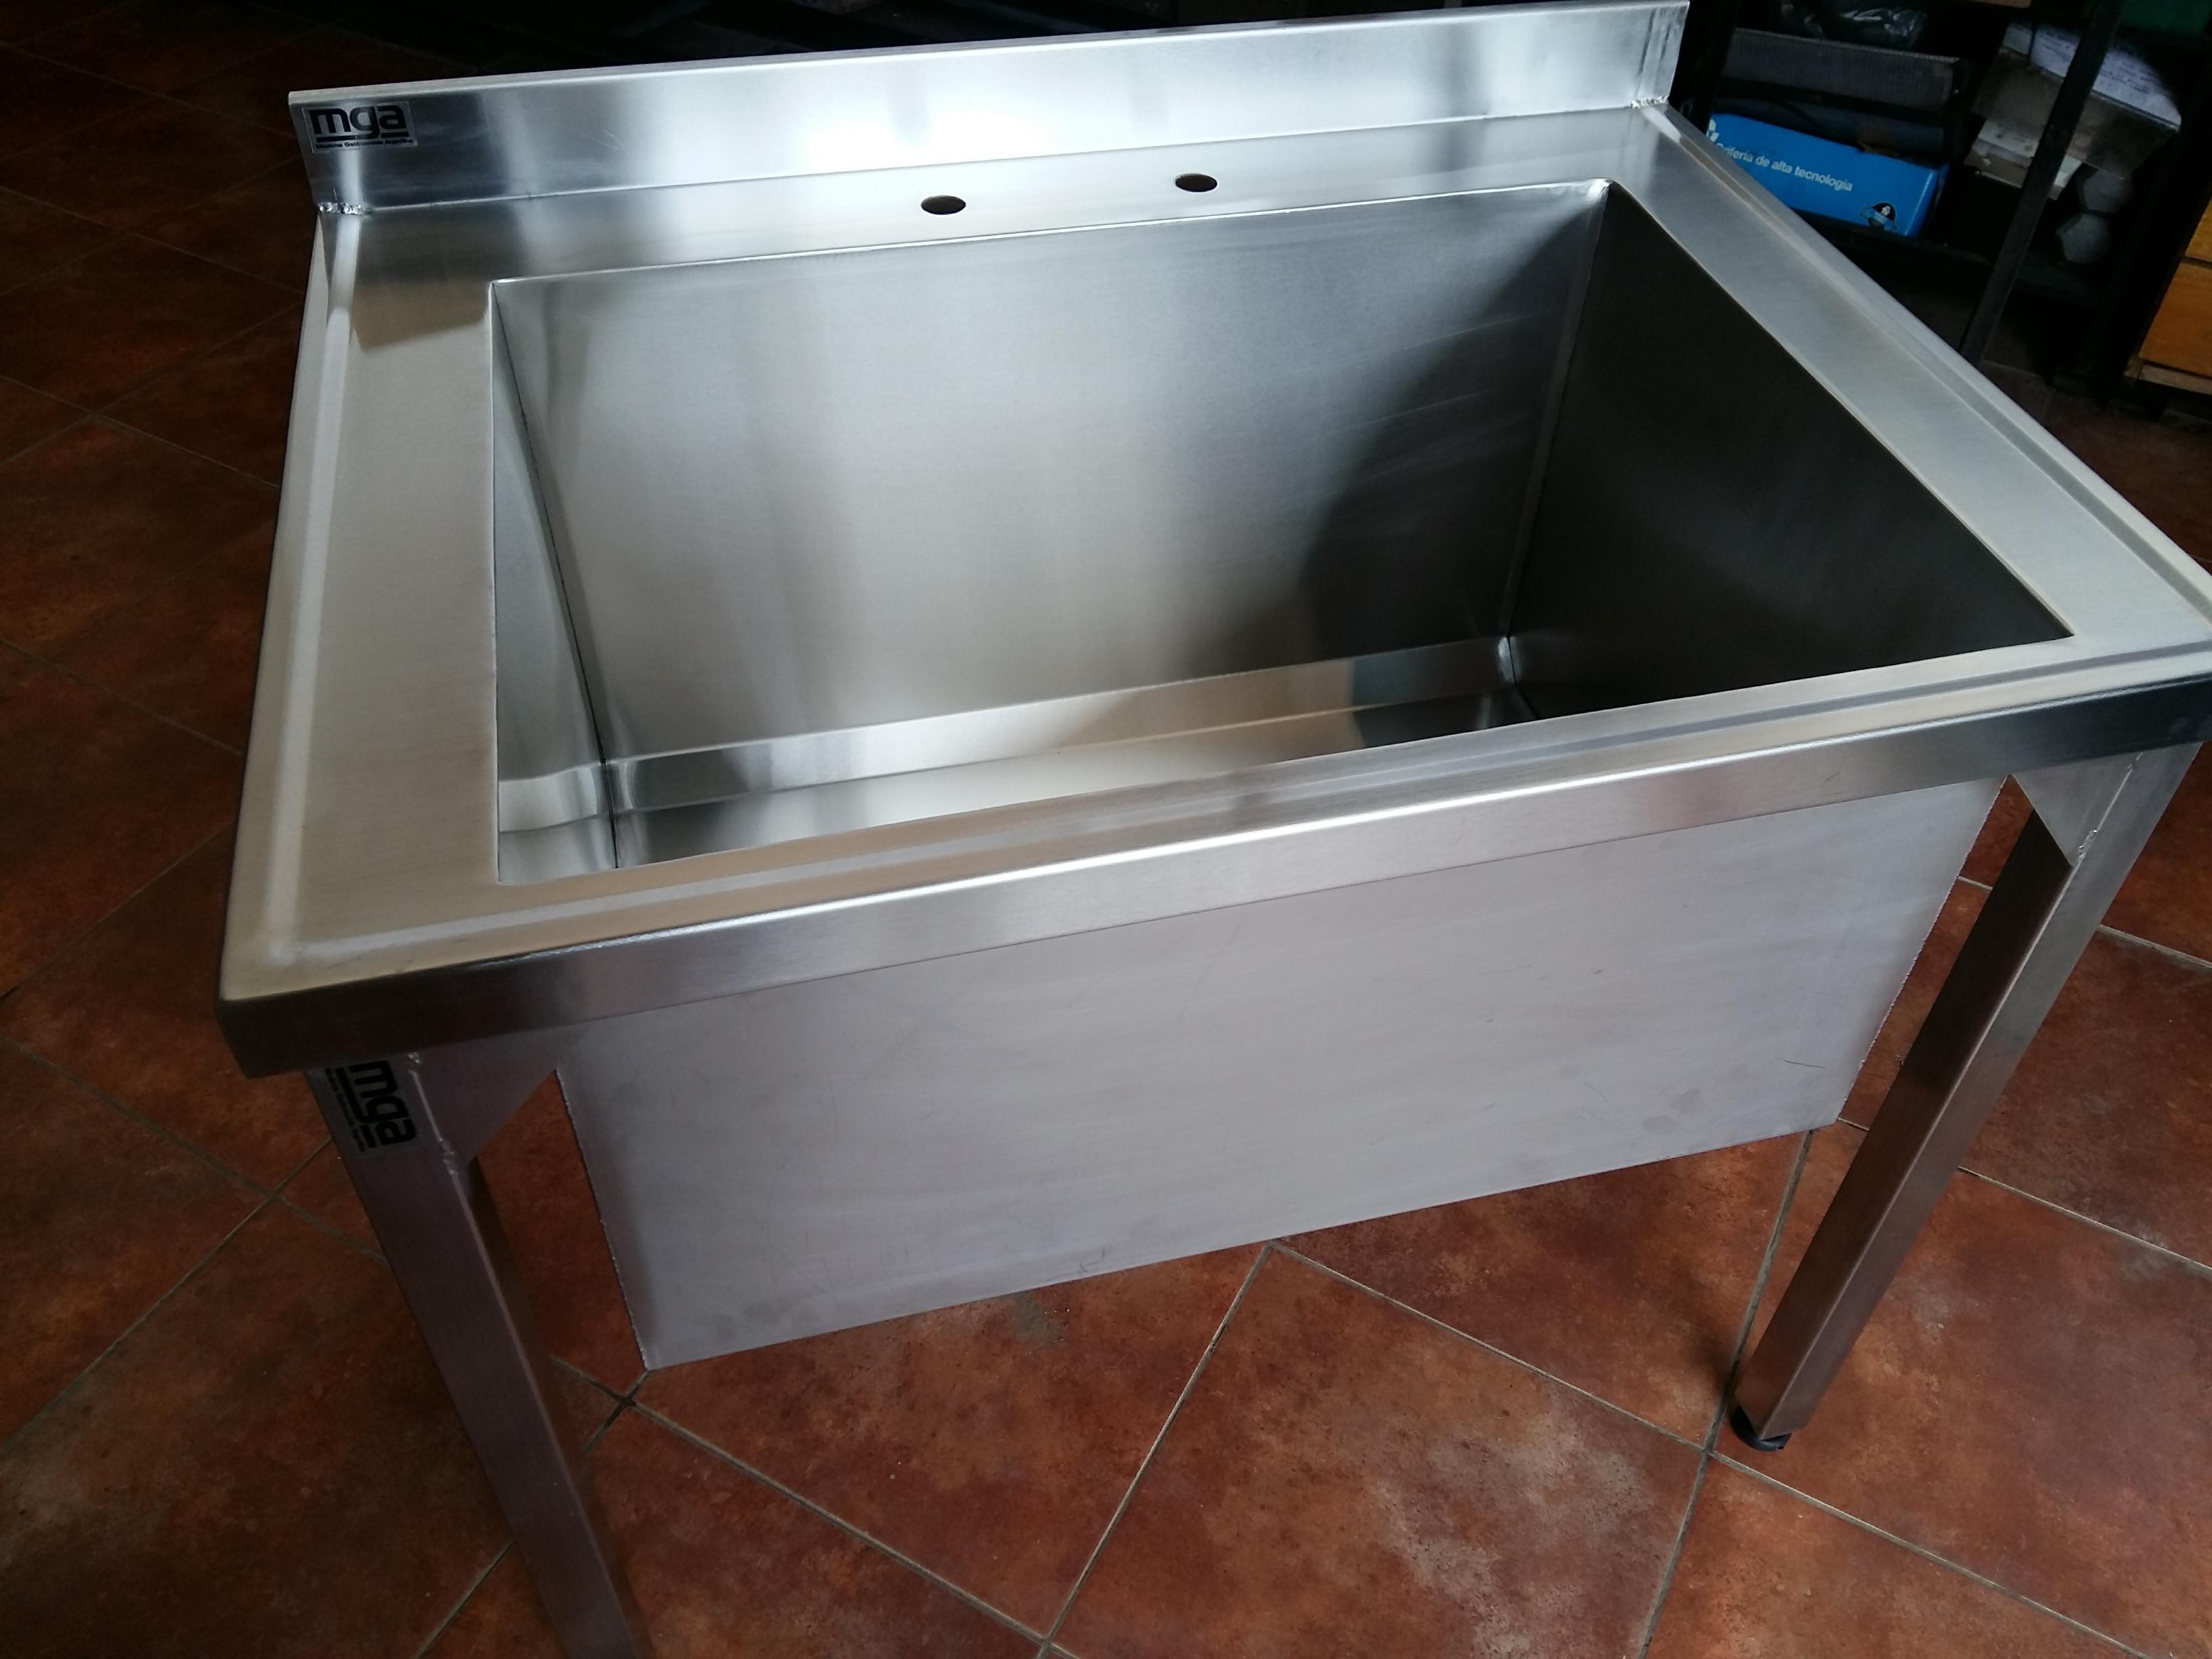 Bacha acero inoxidable con patas industrial con agujeros para grifería sin estante - www.fabricainoxidable.com.ar